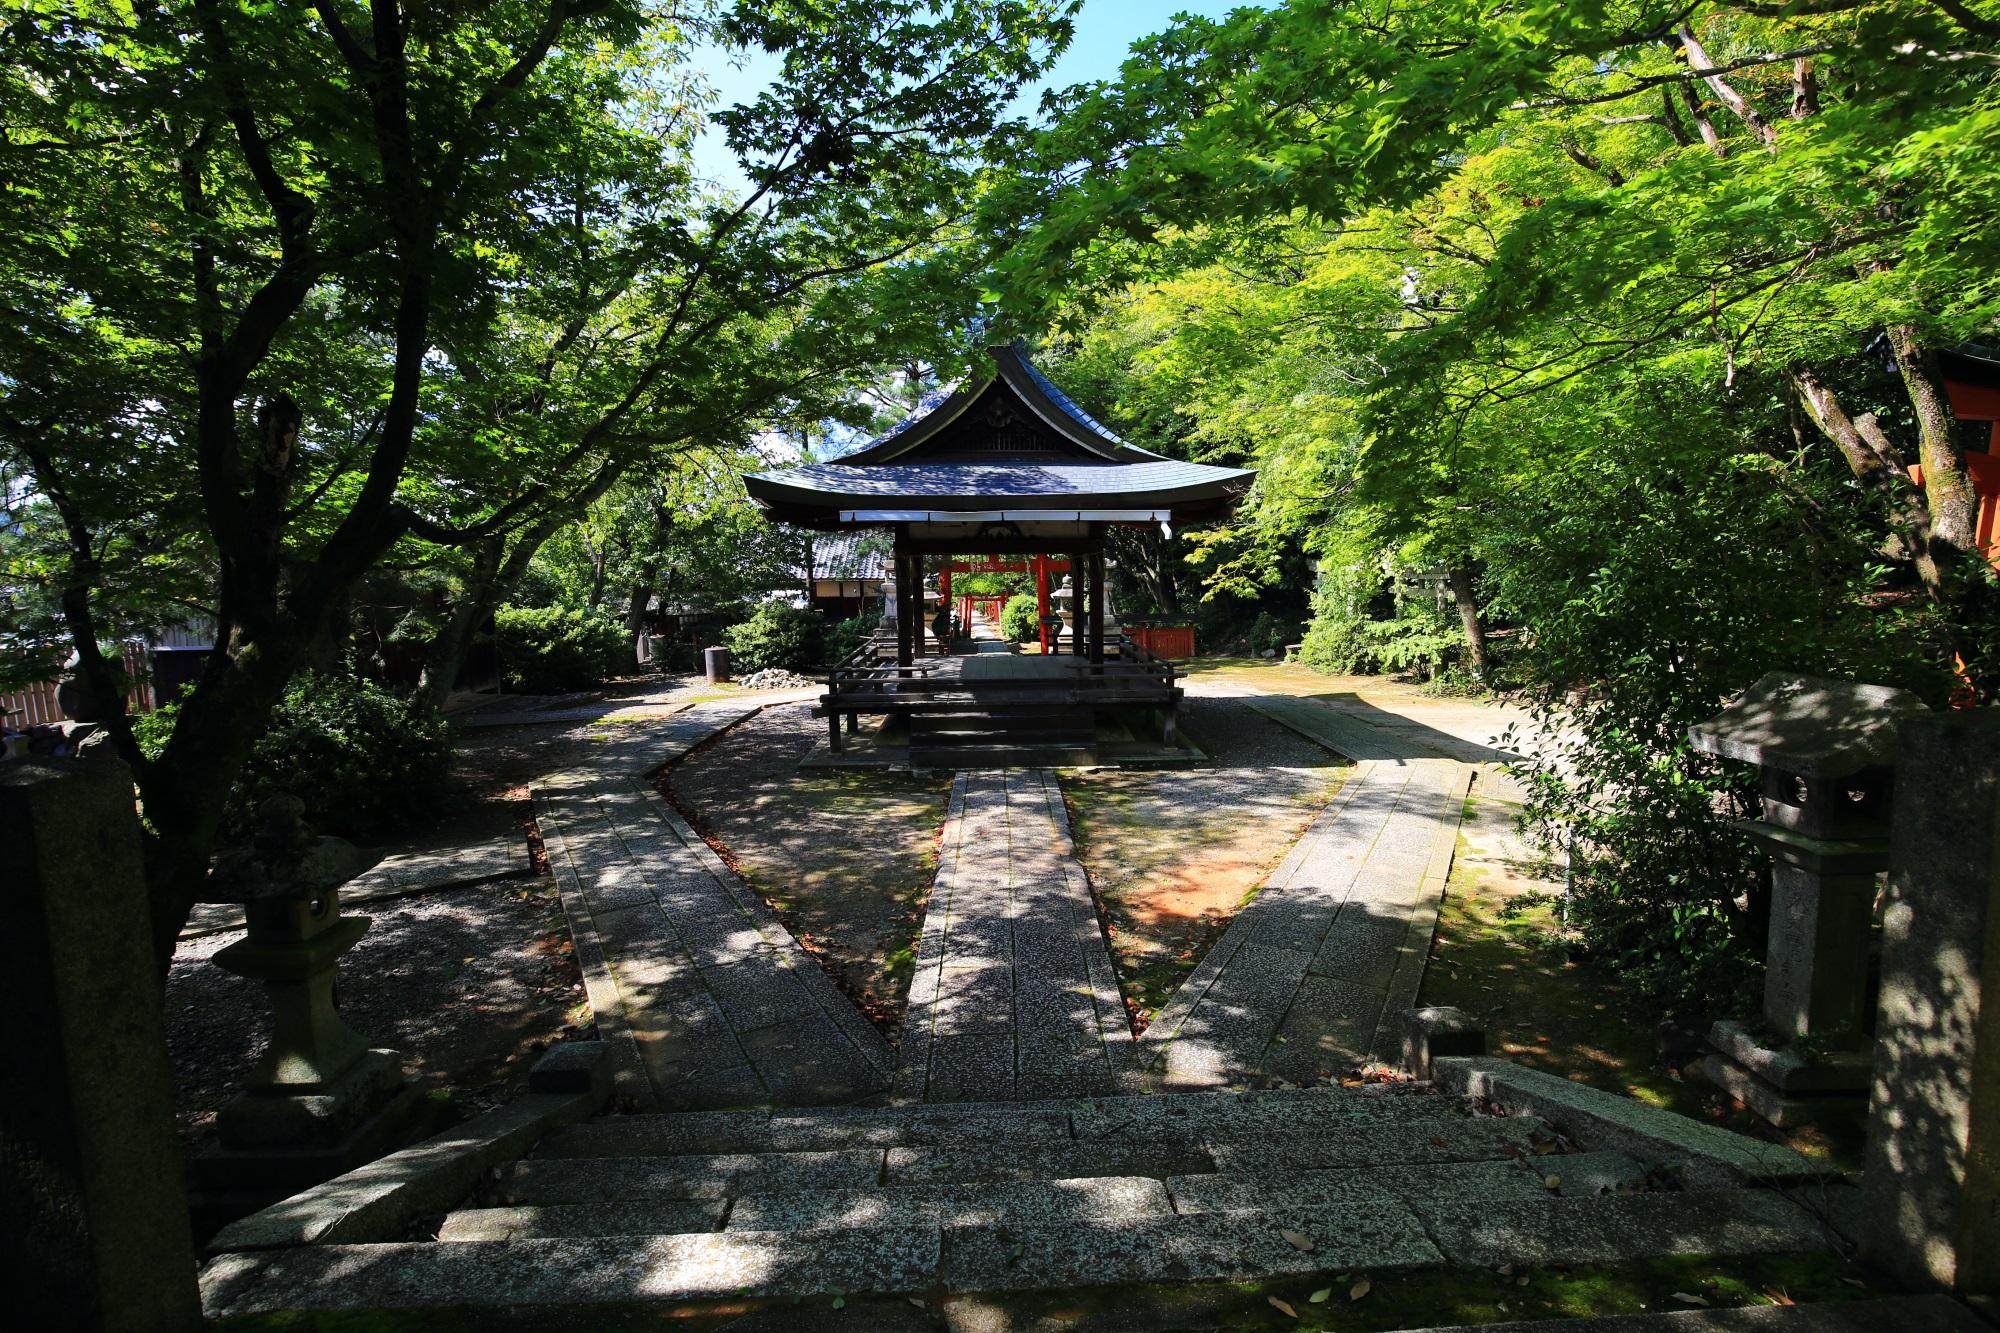 鮮やかな緑につつまれた本殿側から眺めた拝殿